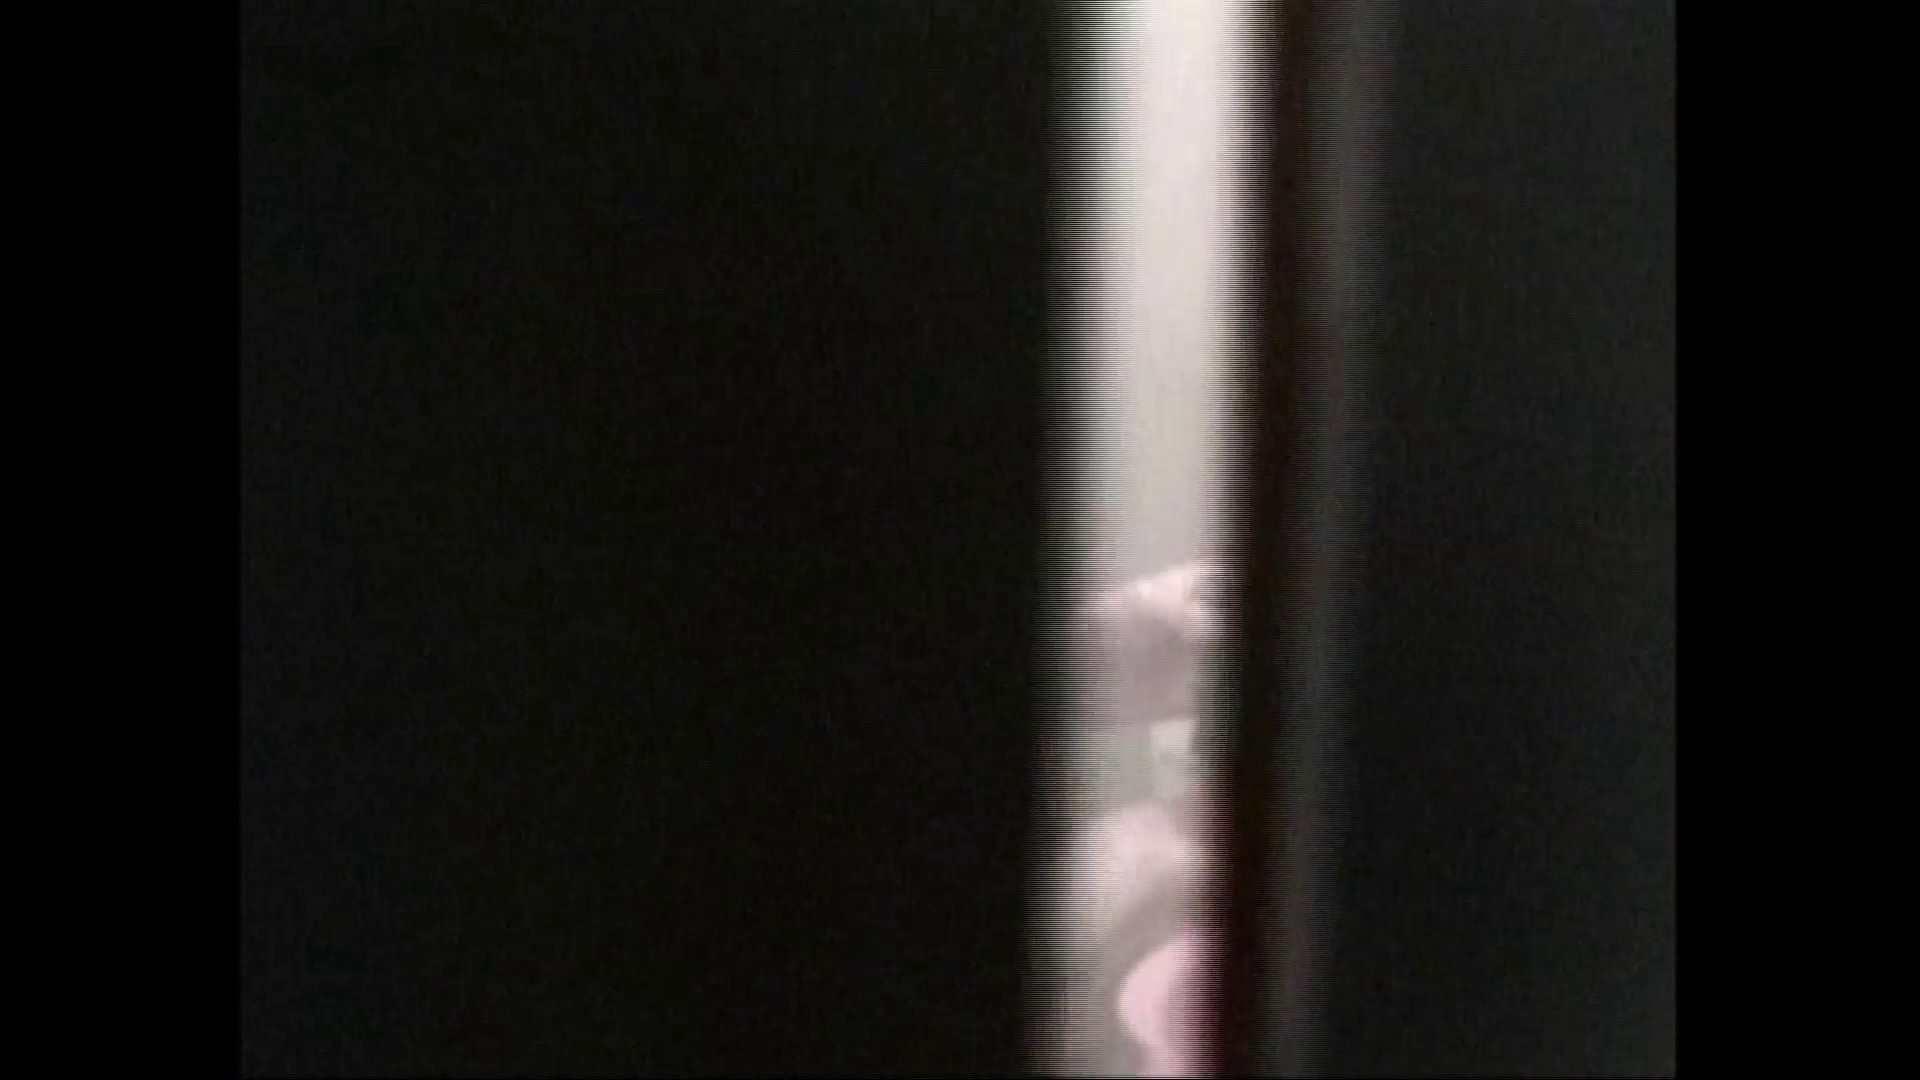 隙間からノゾク風呂 Vol.28 色白のロングヘアー美人がワシャワシャと。 OL   入浴シーン  53連発 33